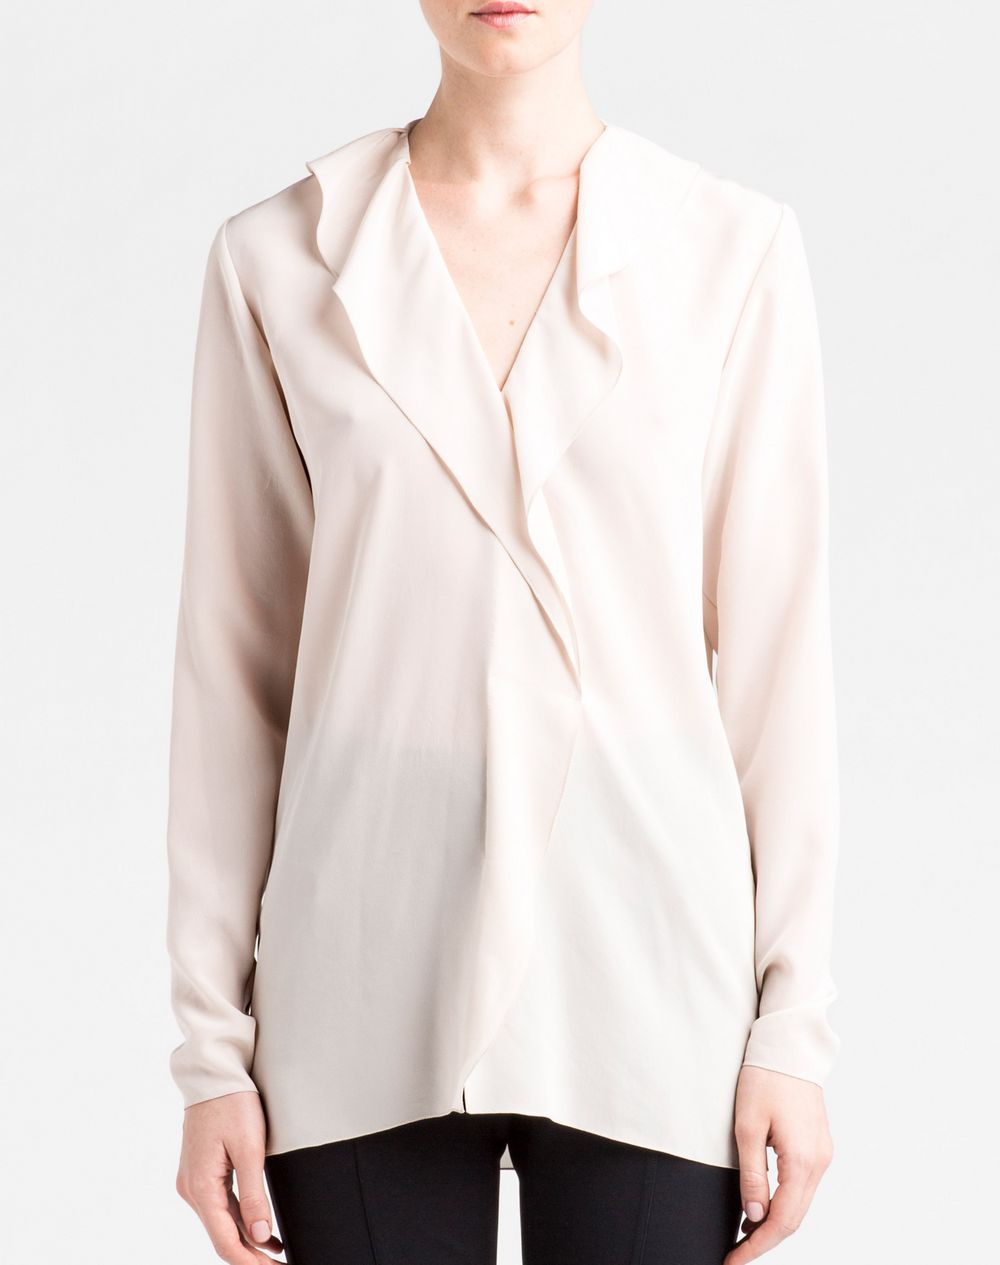 hot sales 88f10 e9810 Camicia In Raso Di Seta Lanvin, Top Donna   Lanvin Online Store